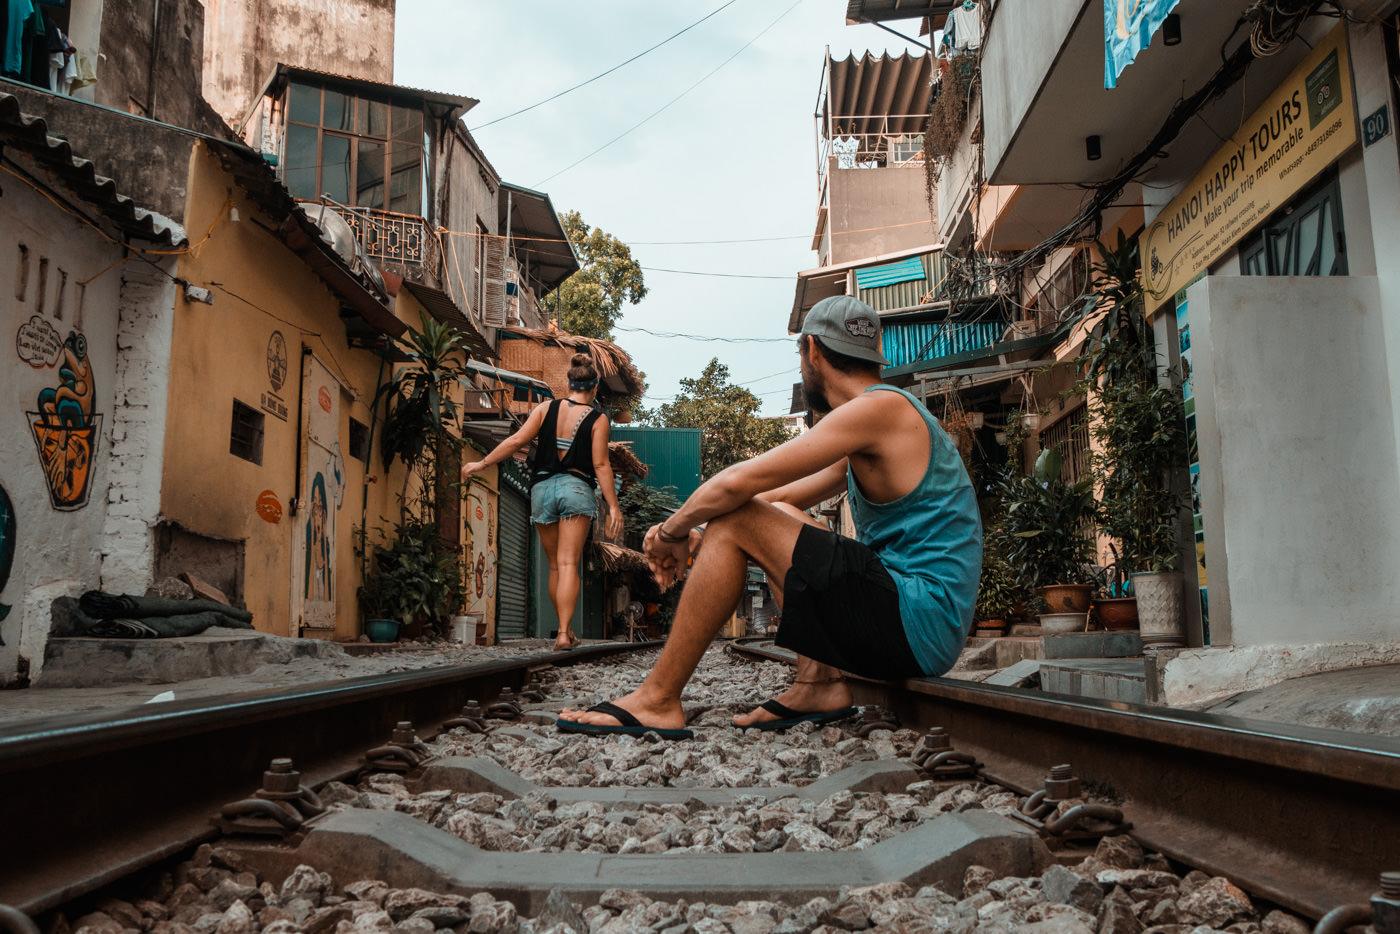 Wir in der Trainstreet in Hanoi, Vietnam